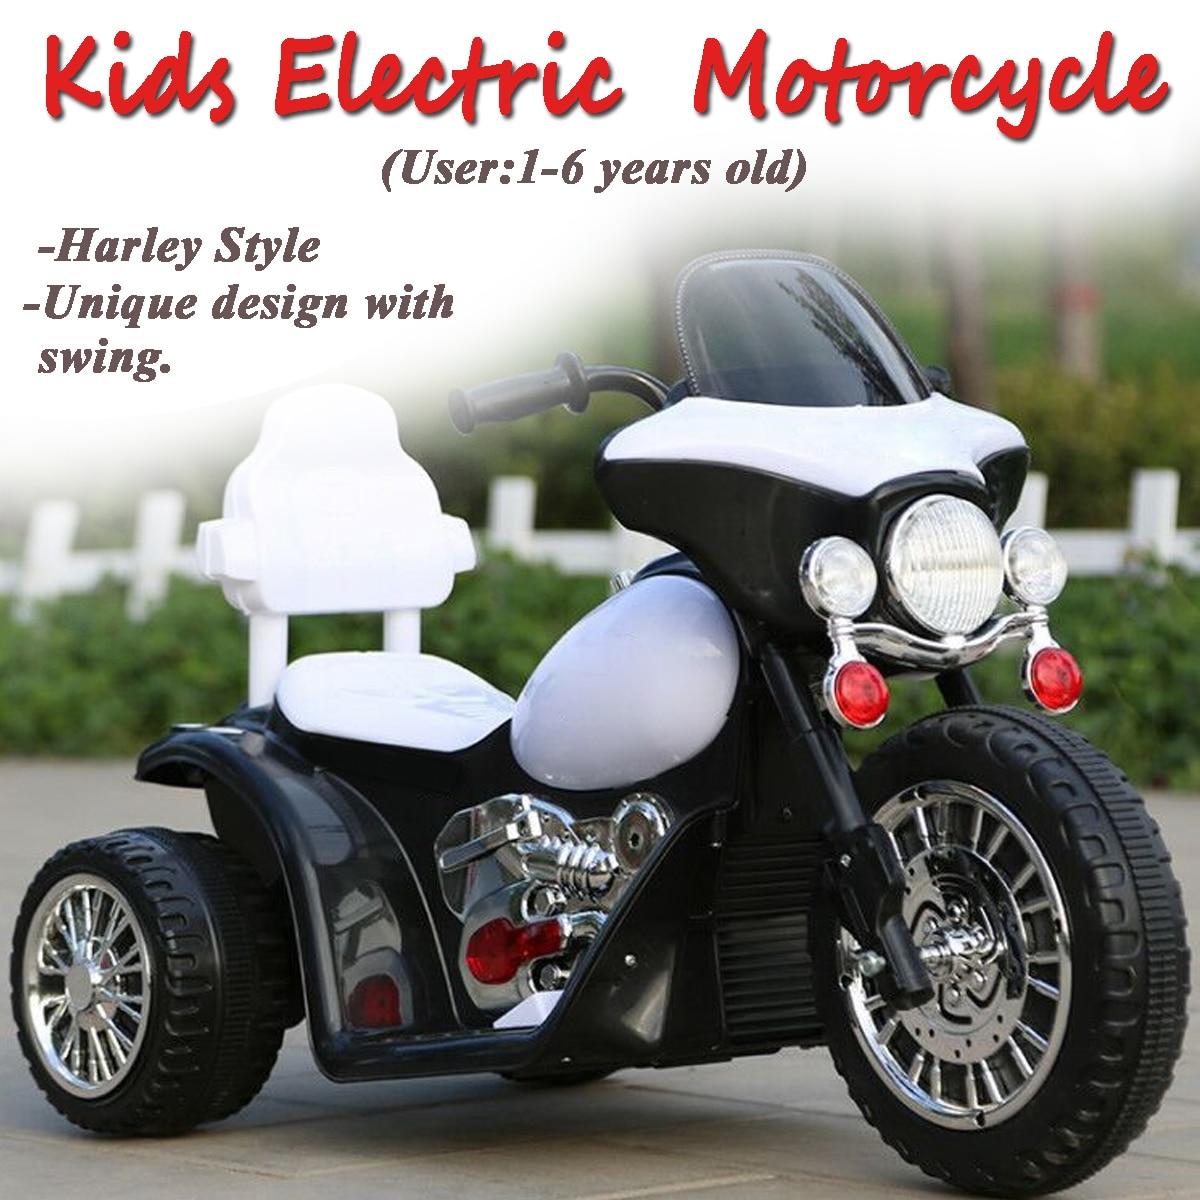 Enfant Moto Jouet New American Style Plug Enfants Électrique Moto 3 Anti Slip Roues pour Harley Style 1-6 ans Noir et Blanc